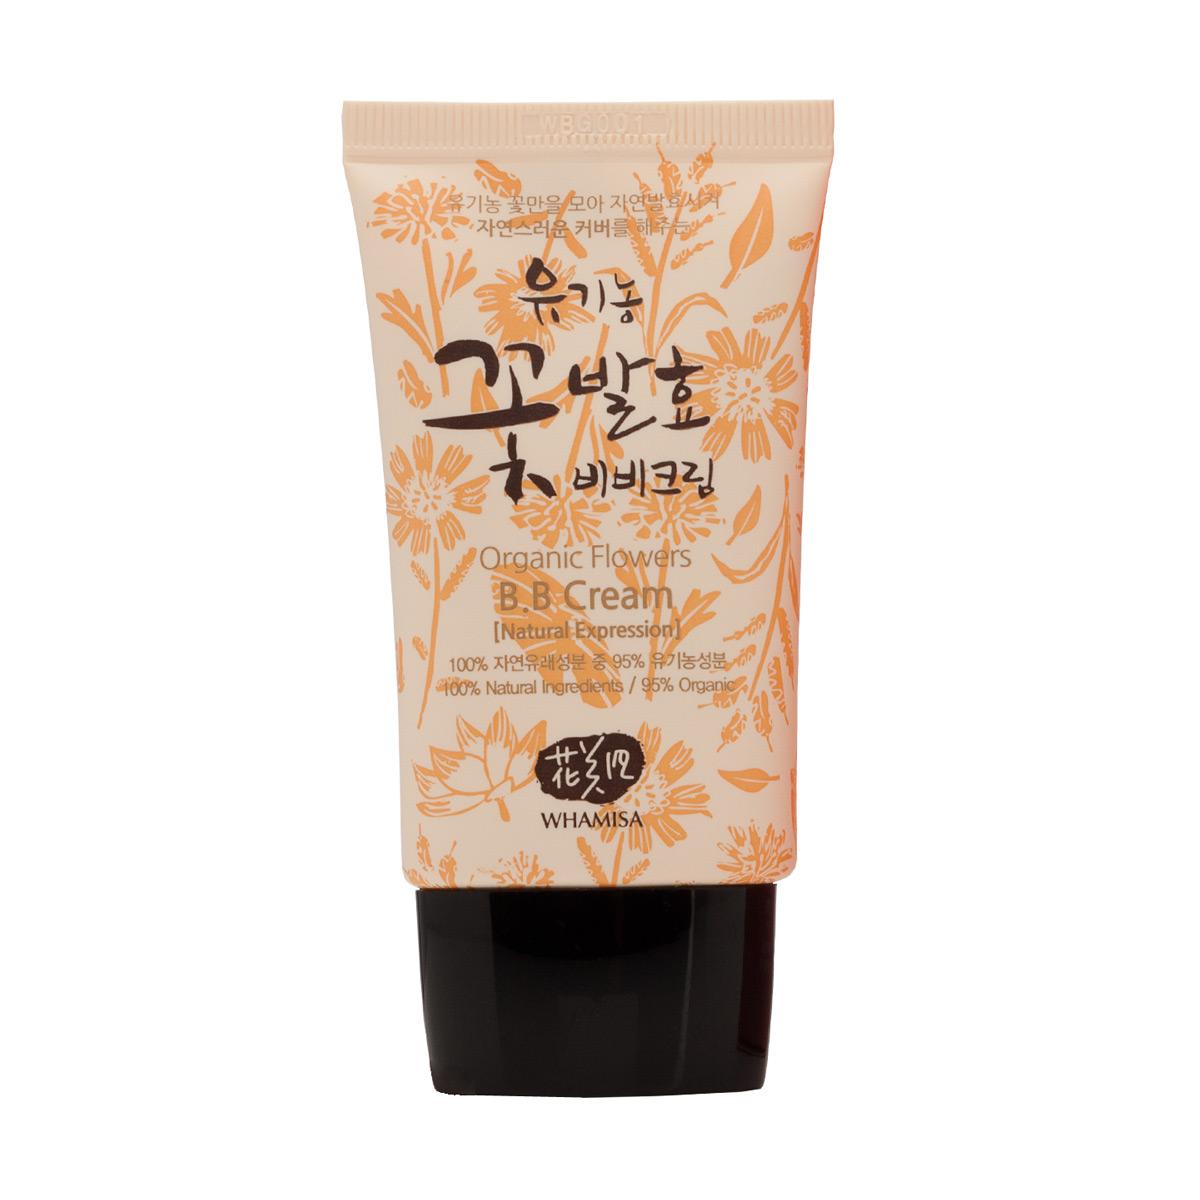 WHAMISA ВВ КРЕМ для лица 40 мл19026Делает кожу приятной, естественной и нежной в течение длительного времени, подходит для чувствительной кожи. Не липкий, на основе воды, полученной из экстрактов растений (алоэ, олива, лотос, одуванчик, солодка, и др). Рекомендуется как база под макияж, с мягкой текстурой, с увлажняющим и питательным эффектом